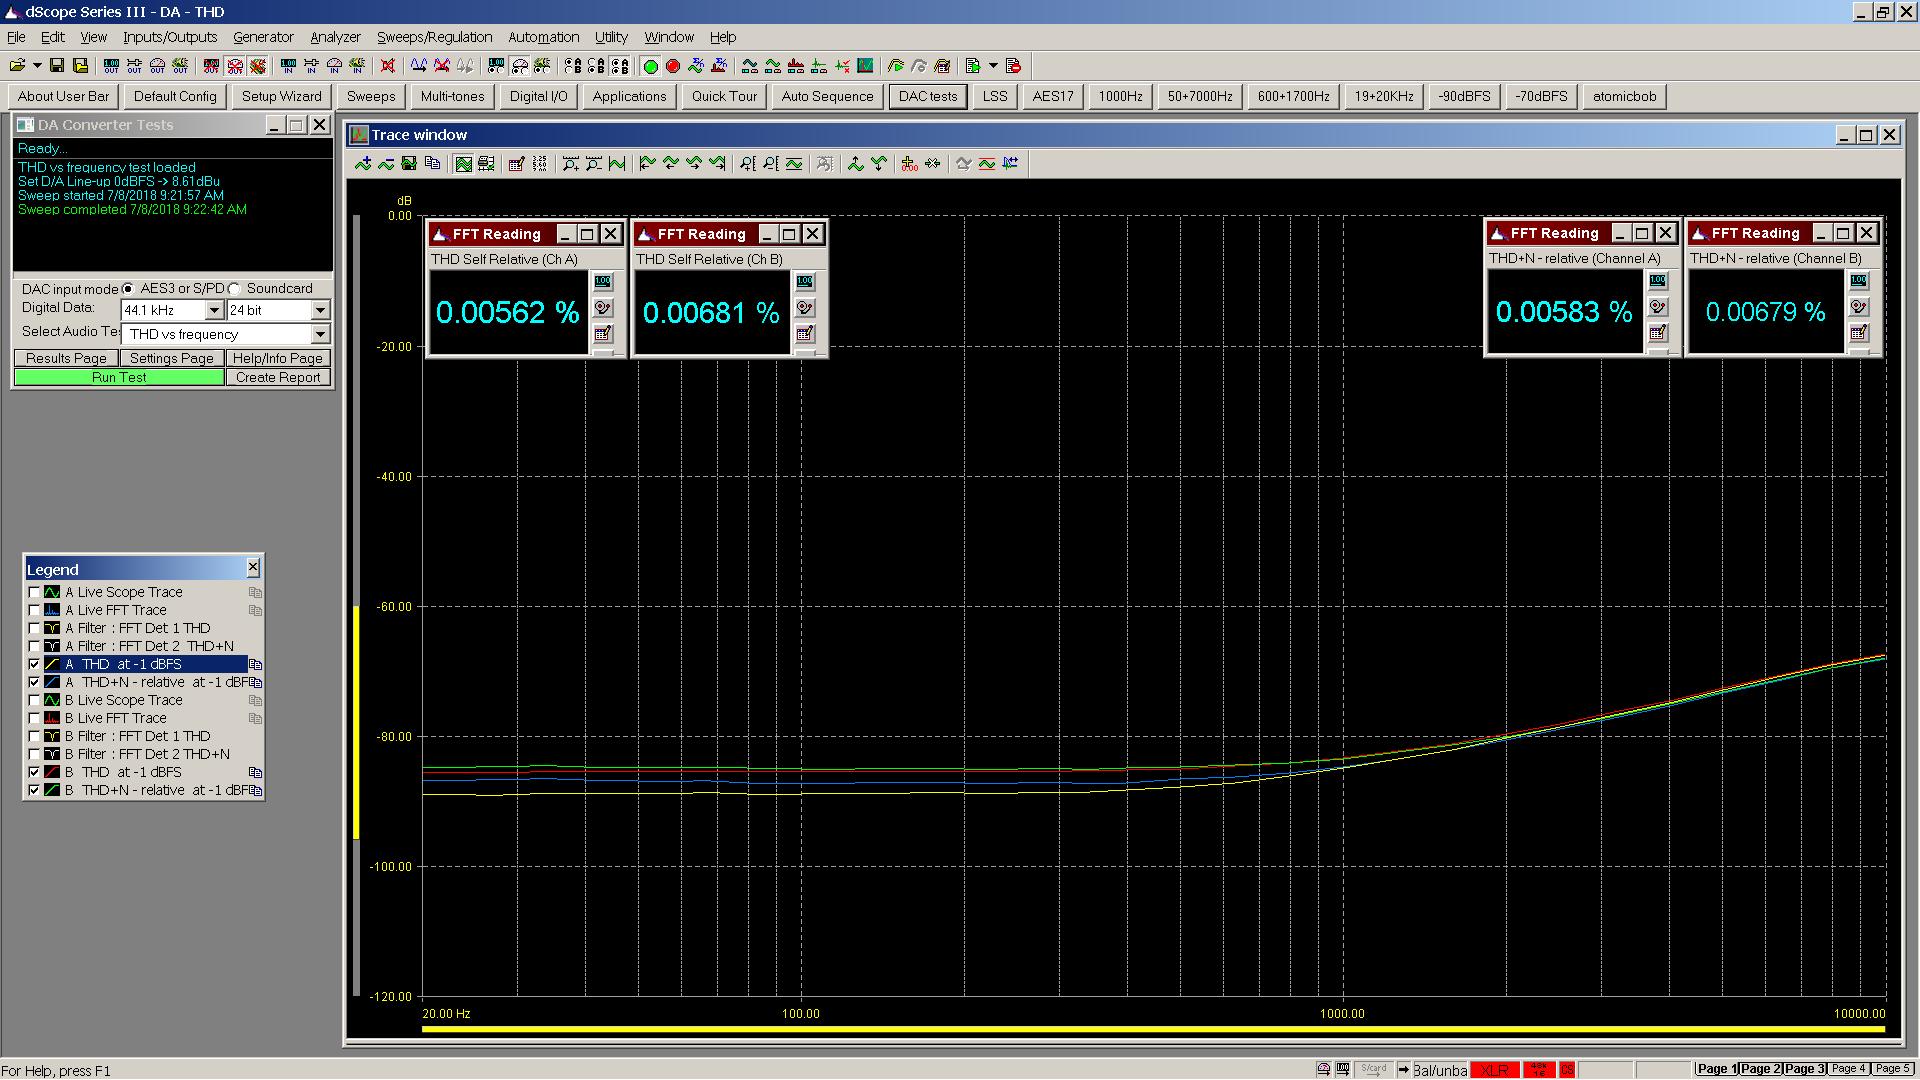 20180708-02 Modi MB SE THD THD+N vs frequency - spdif.png